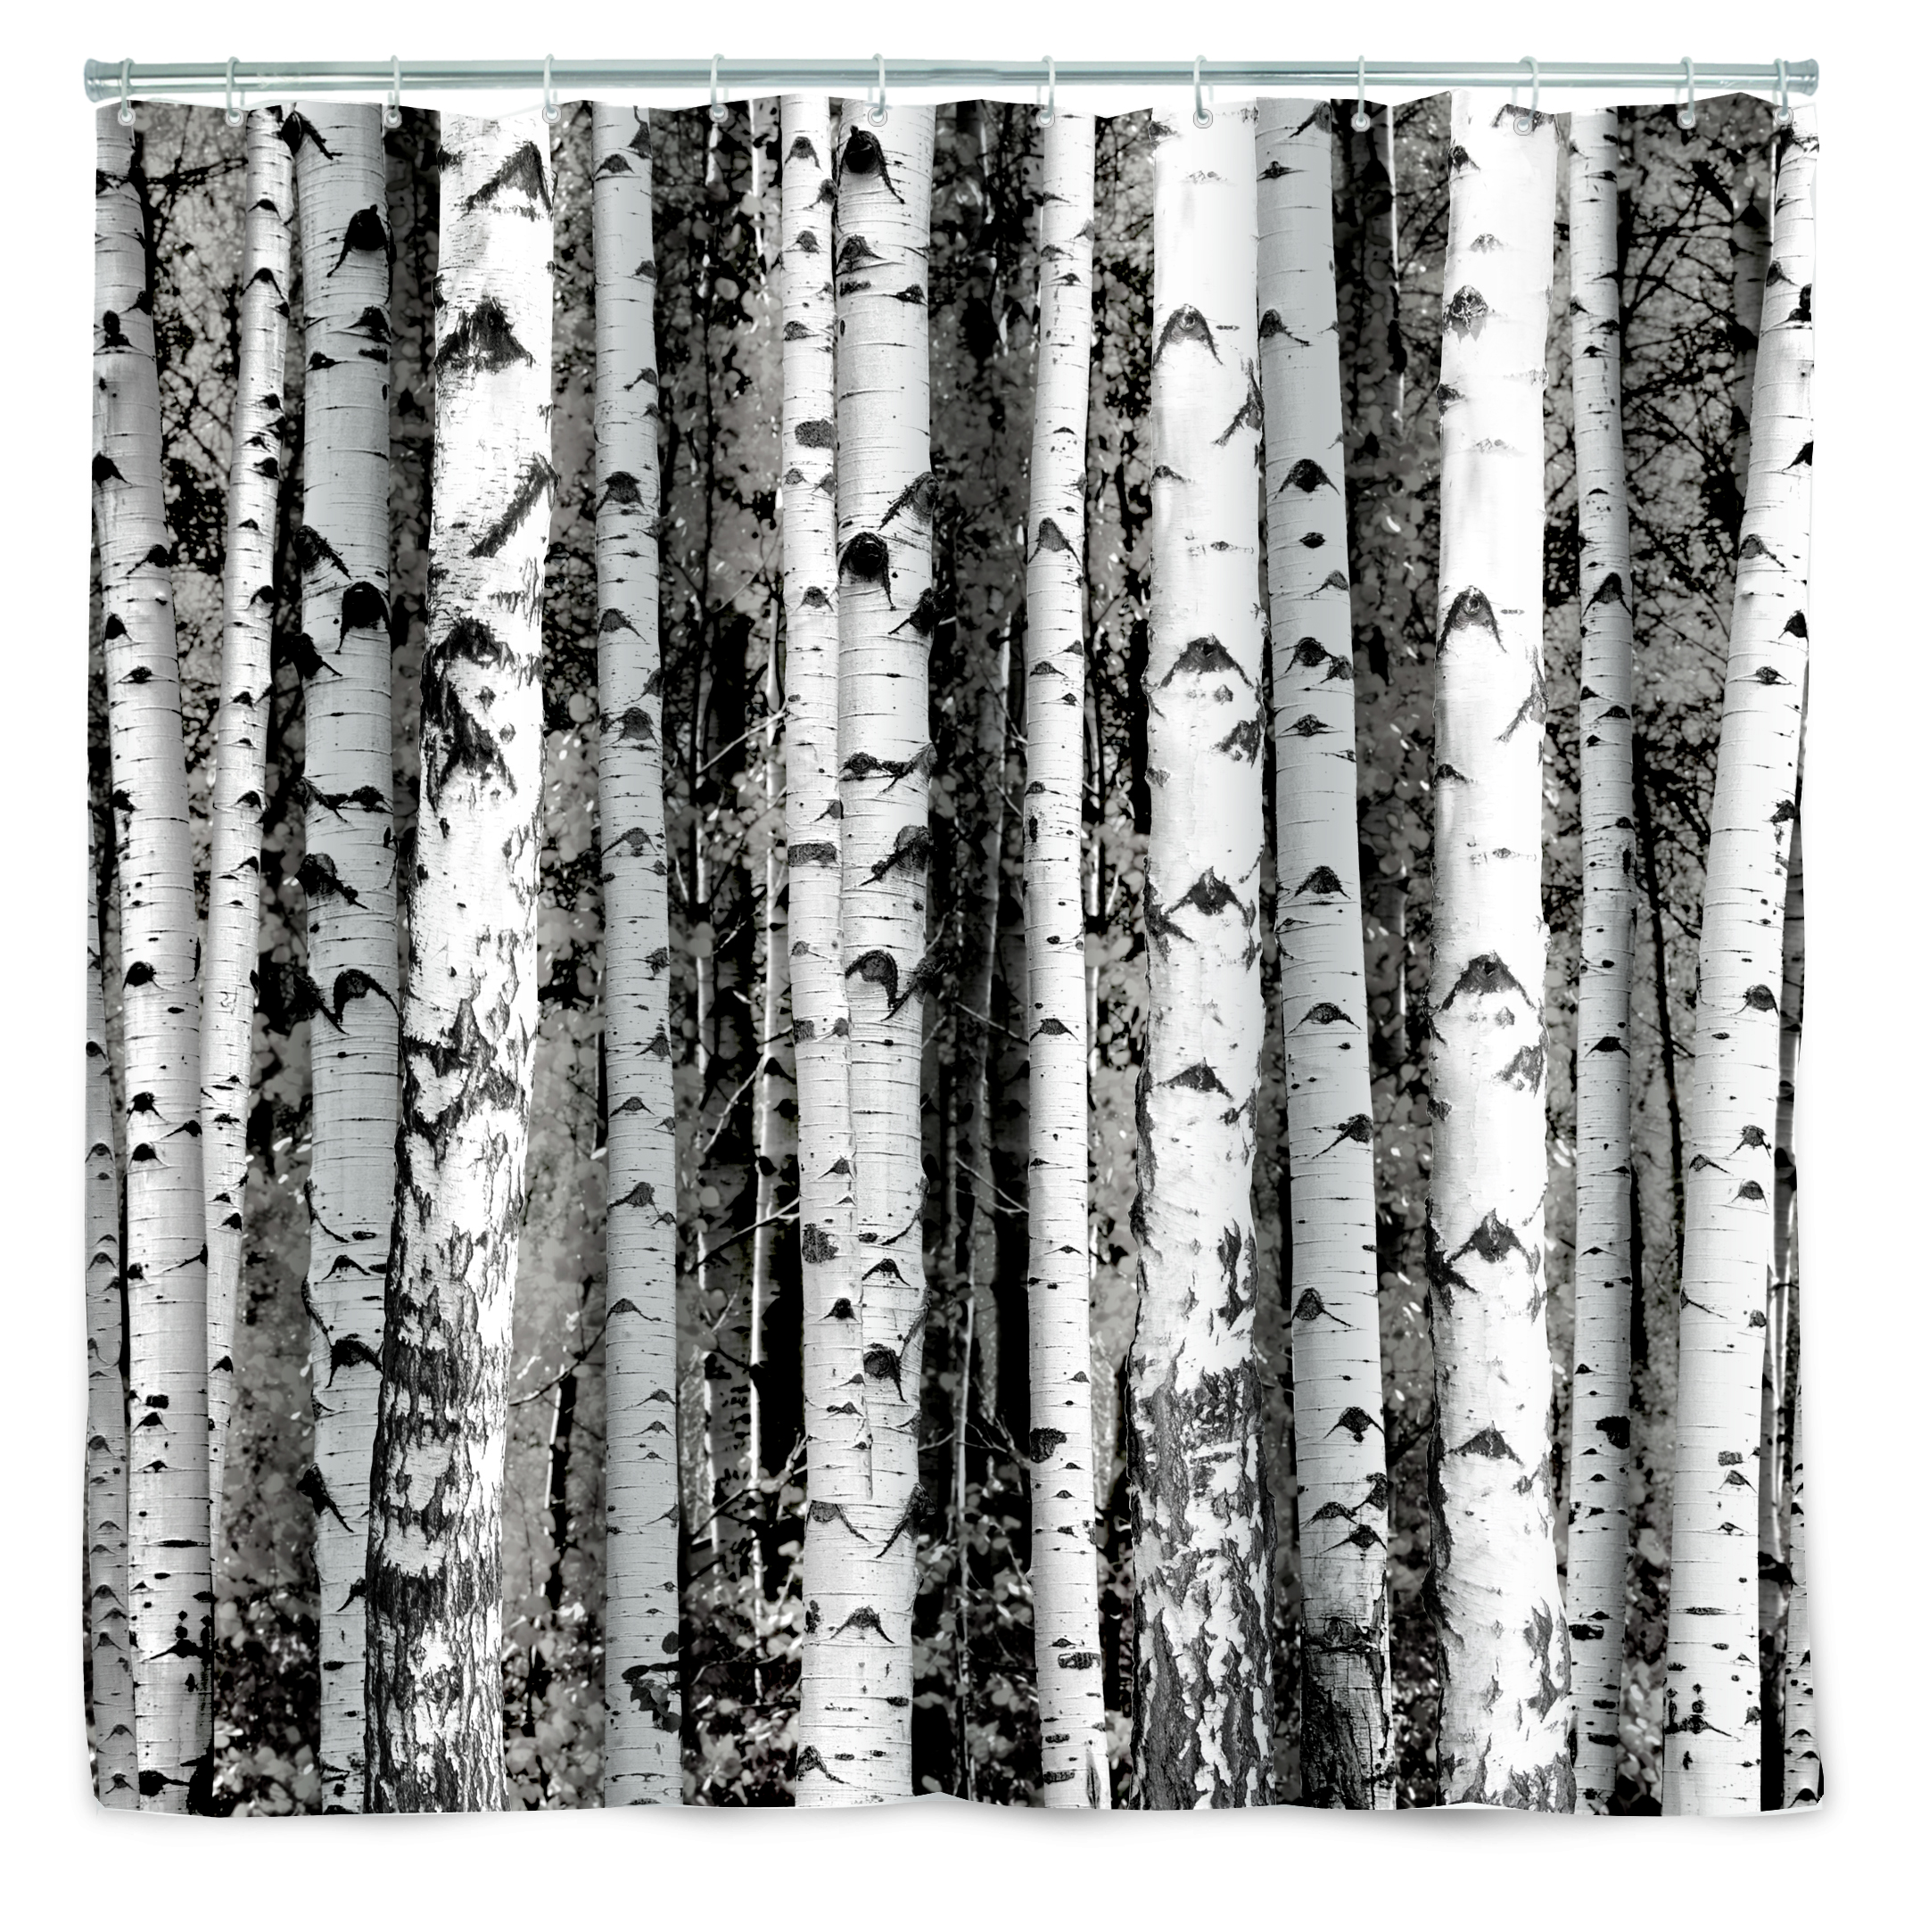 Duschvorhang Birkenwald Baumstämme von Birken- kramsen